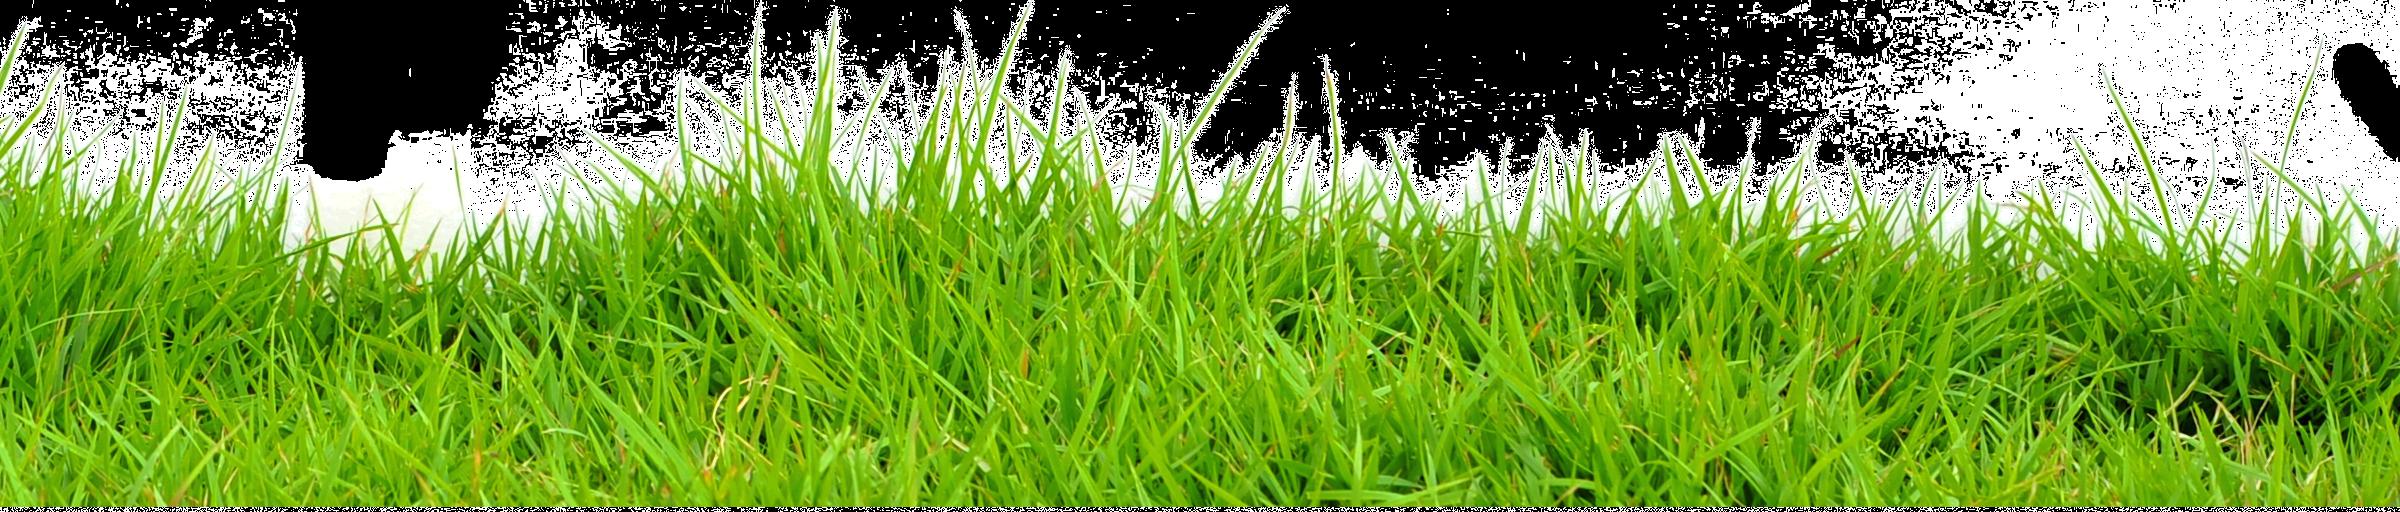 grass_PNG4937